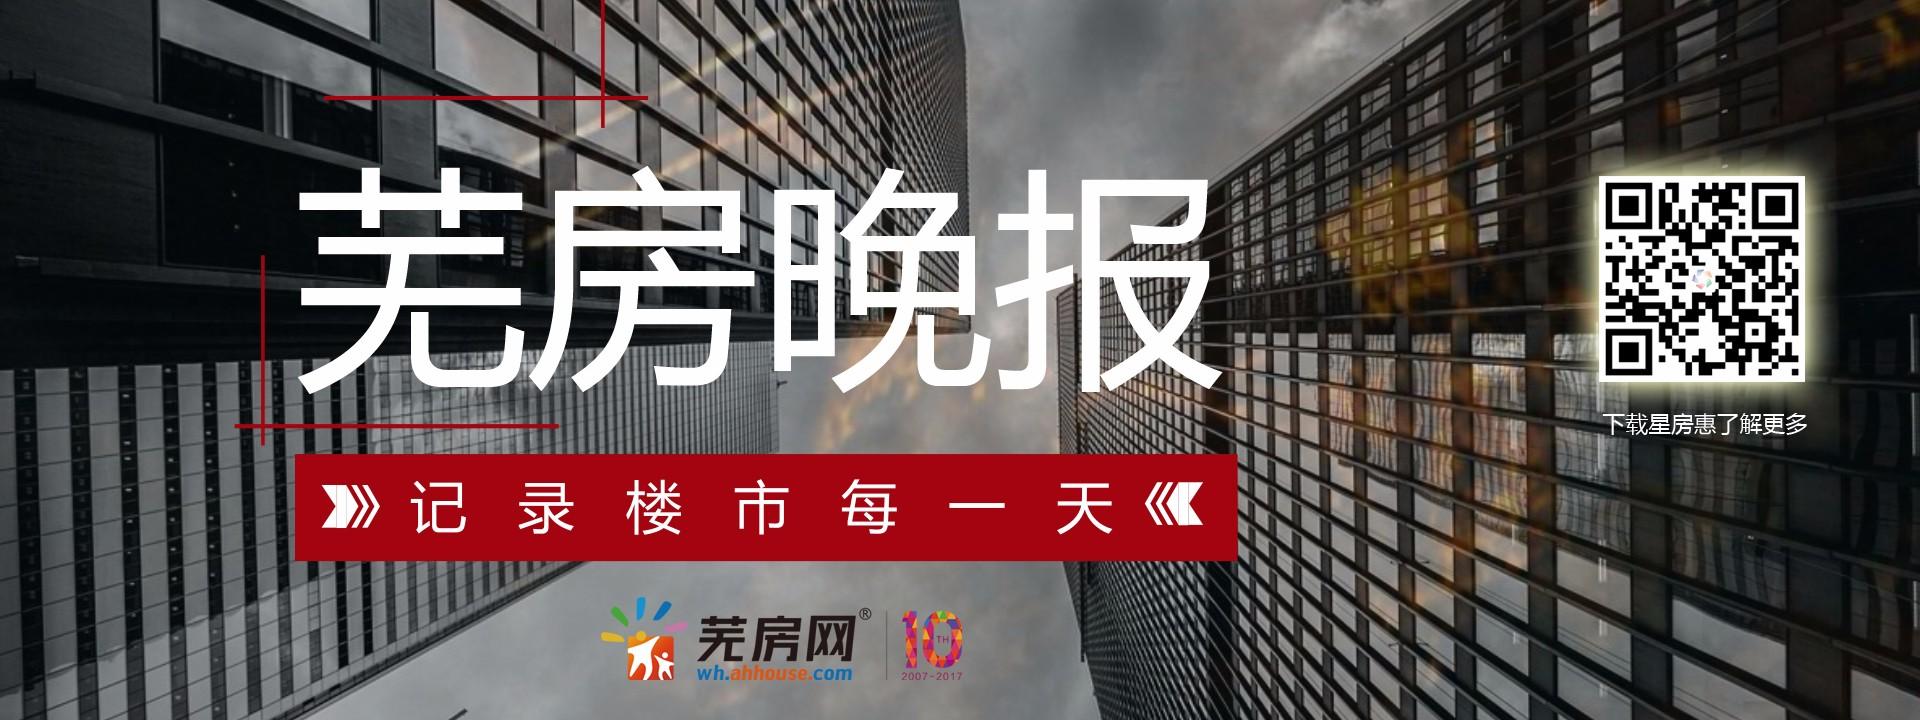 1.15芜房晚报:1.7-1.13芜湖商品房备案289套环降15.74%